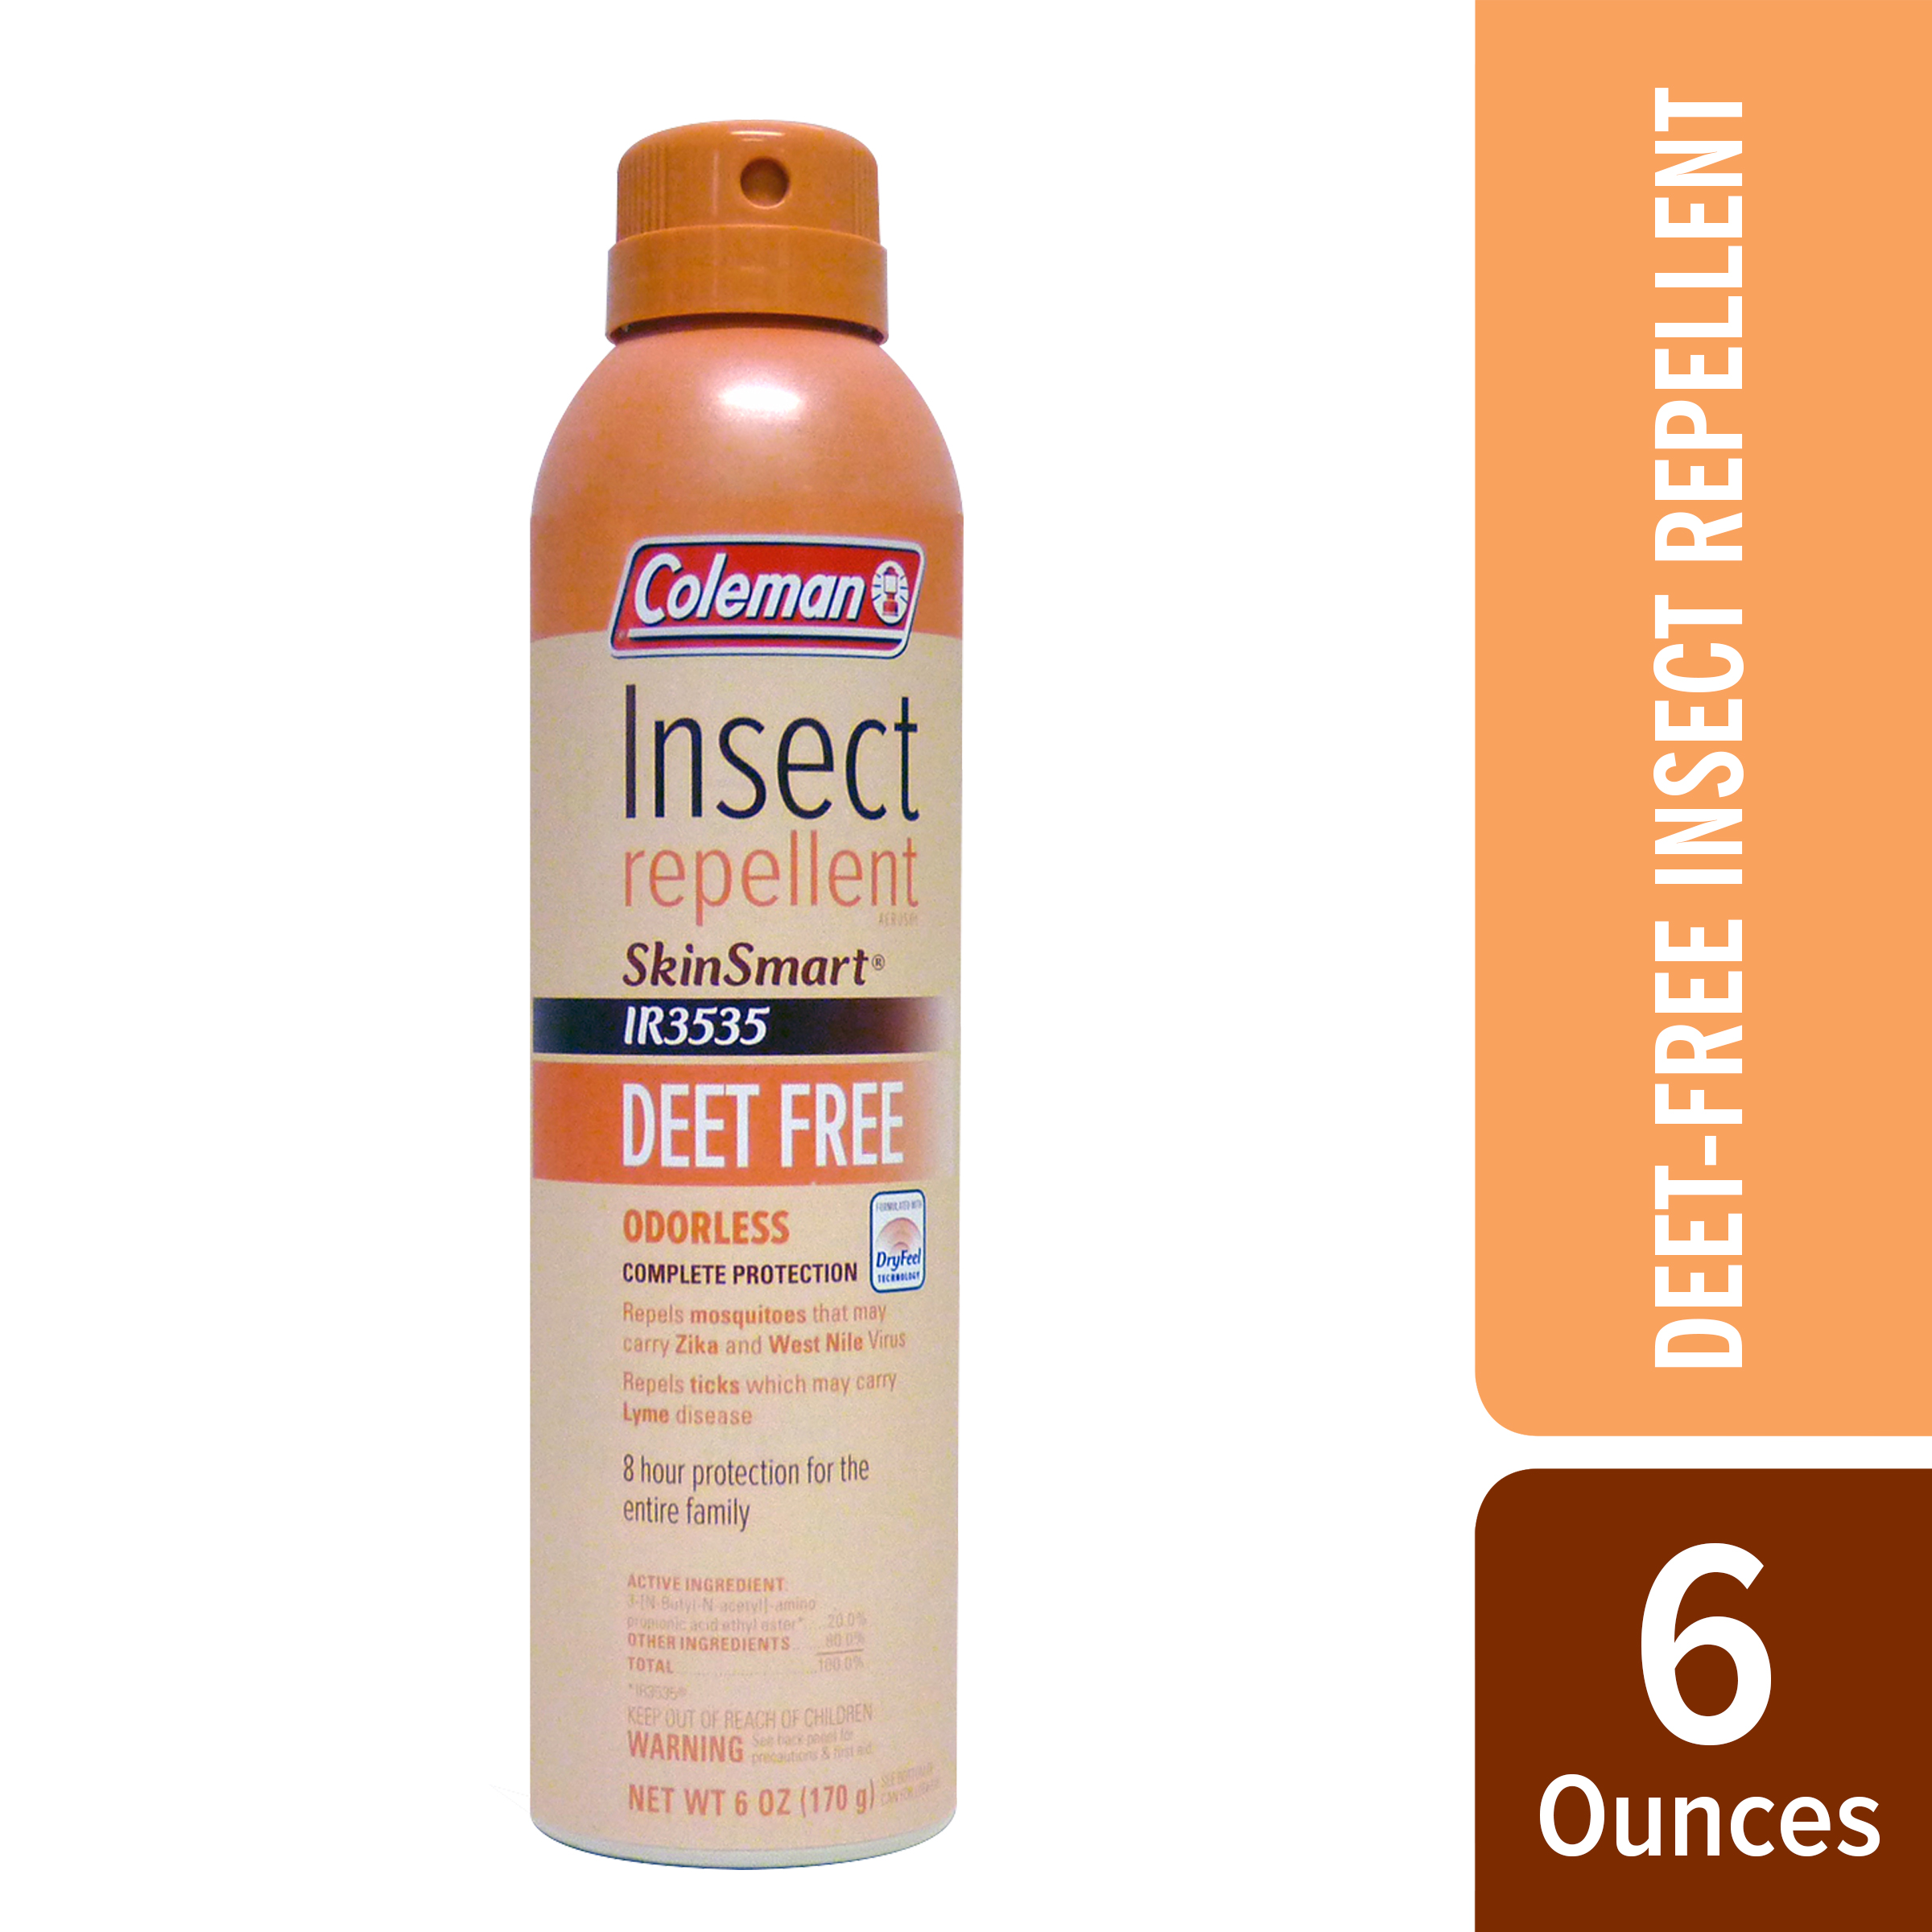 Coleman Deet-Free Skin Smart Insect Repellent, 6 Oz